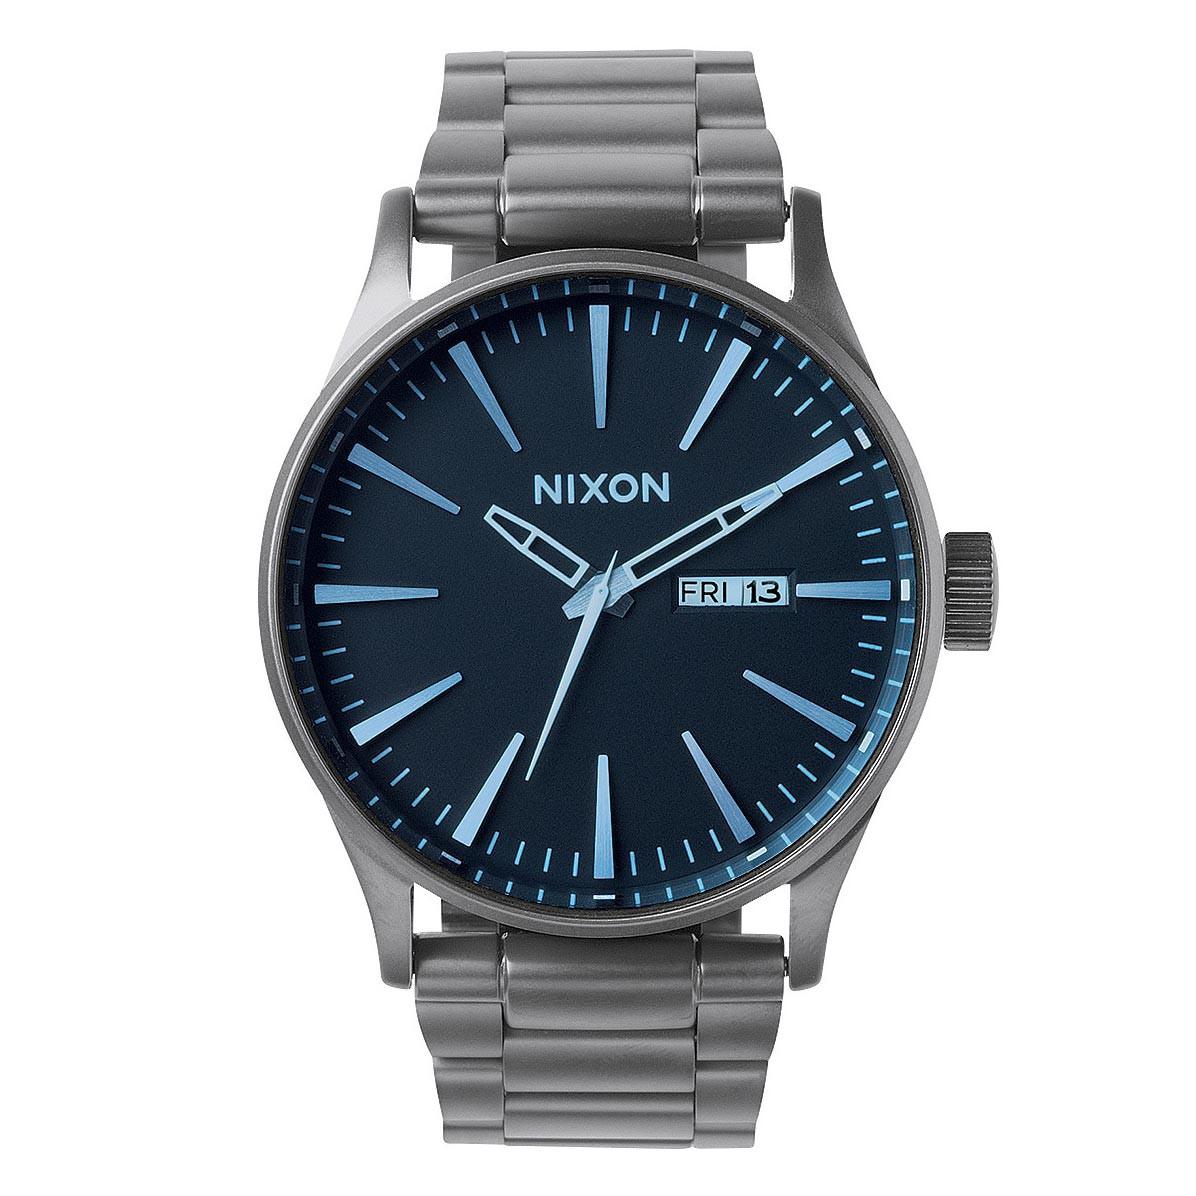 Hodinky Nixon Sentry SS gunmetal/blue crystal vel.ocel 16 + doručení do 24 hodin